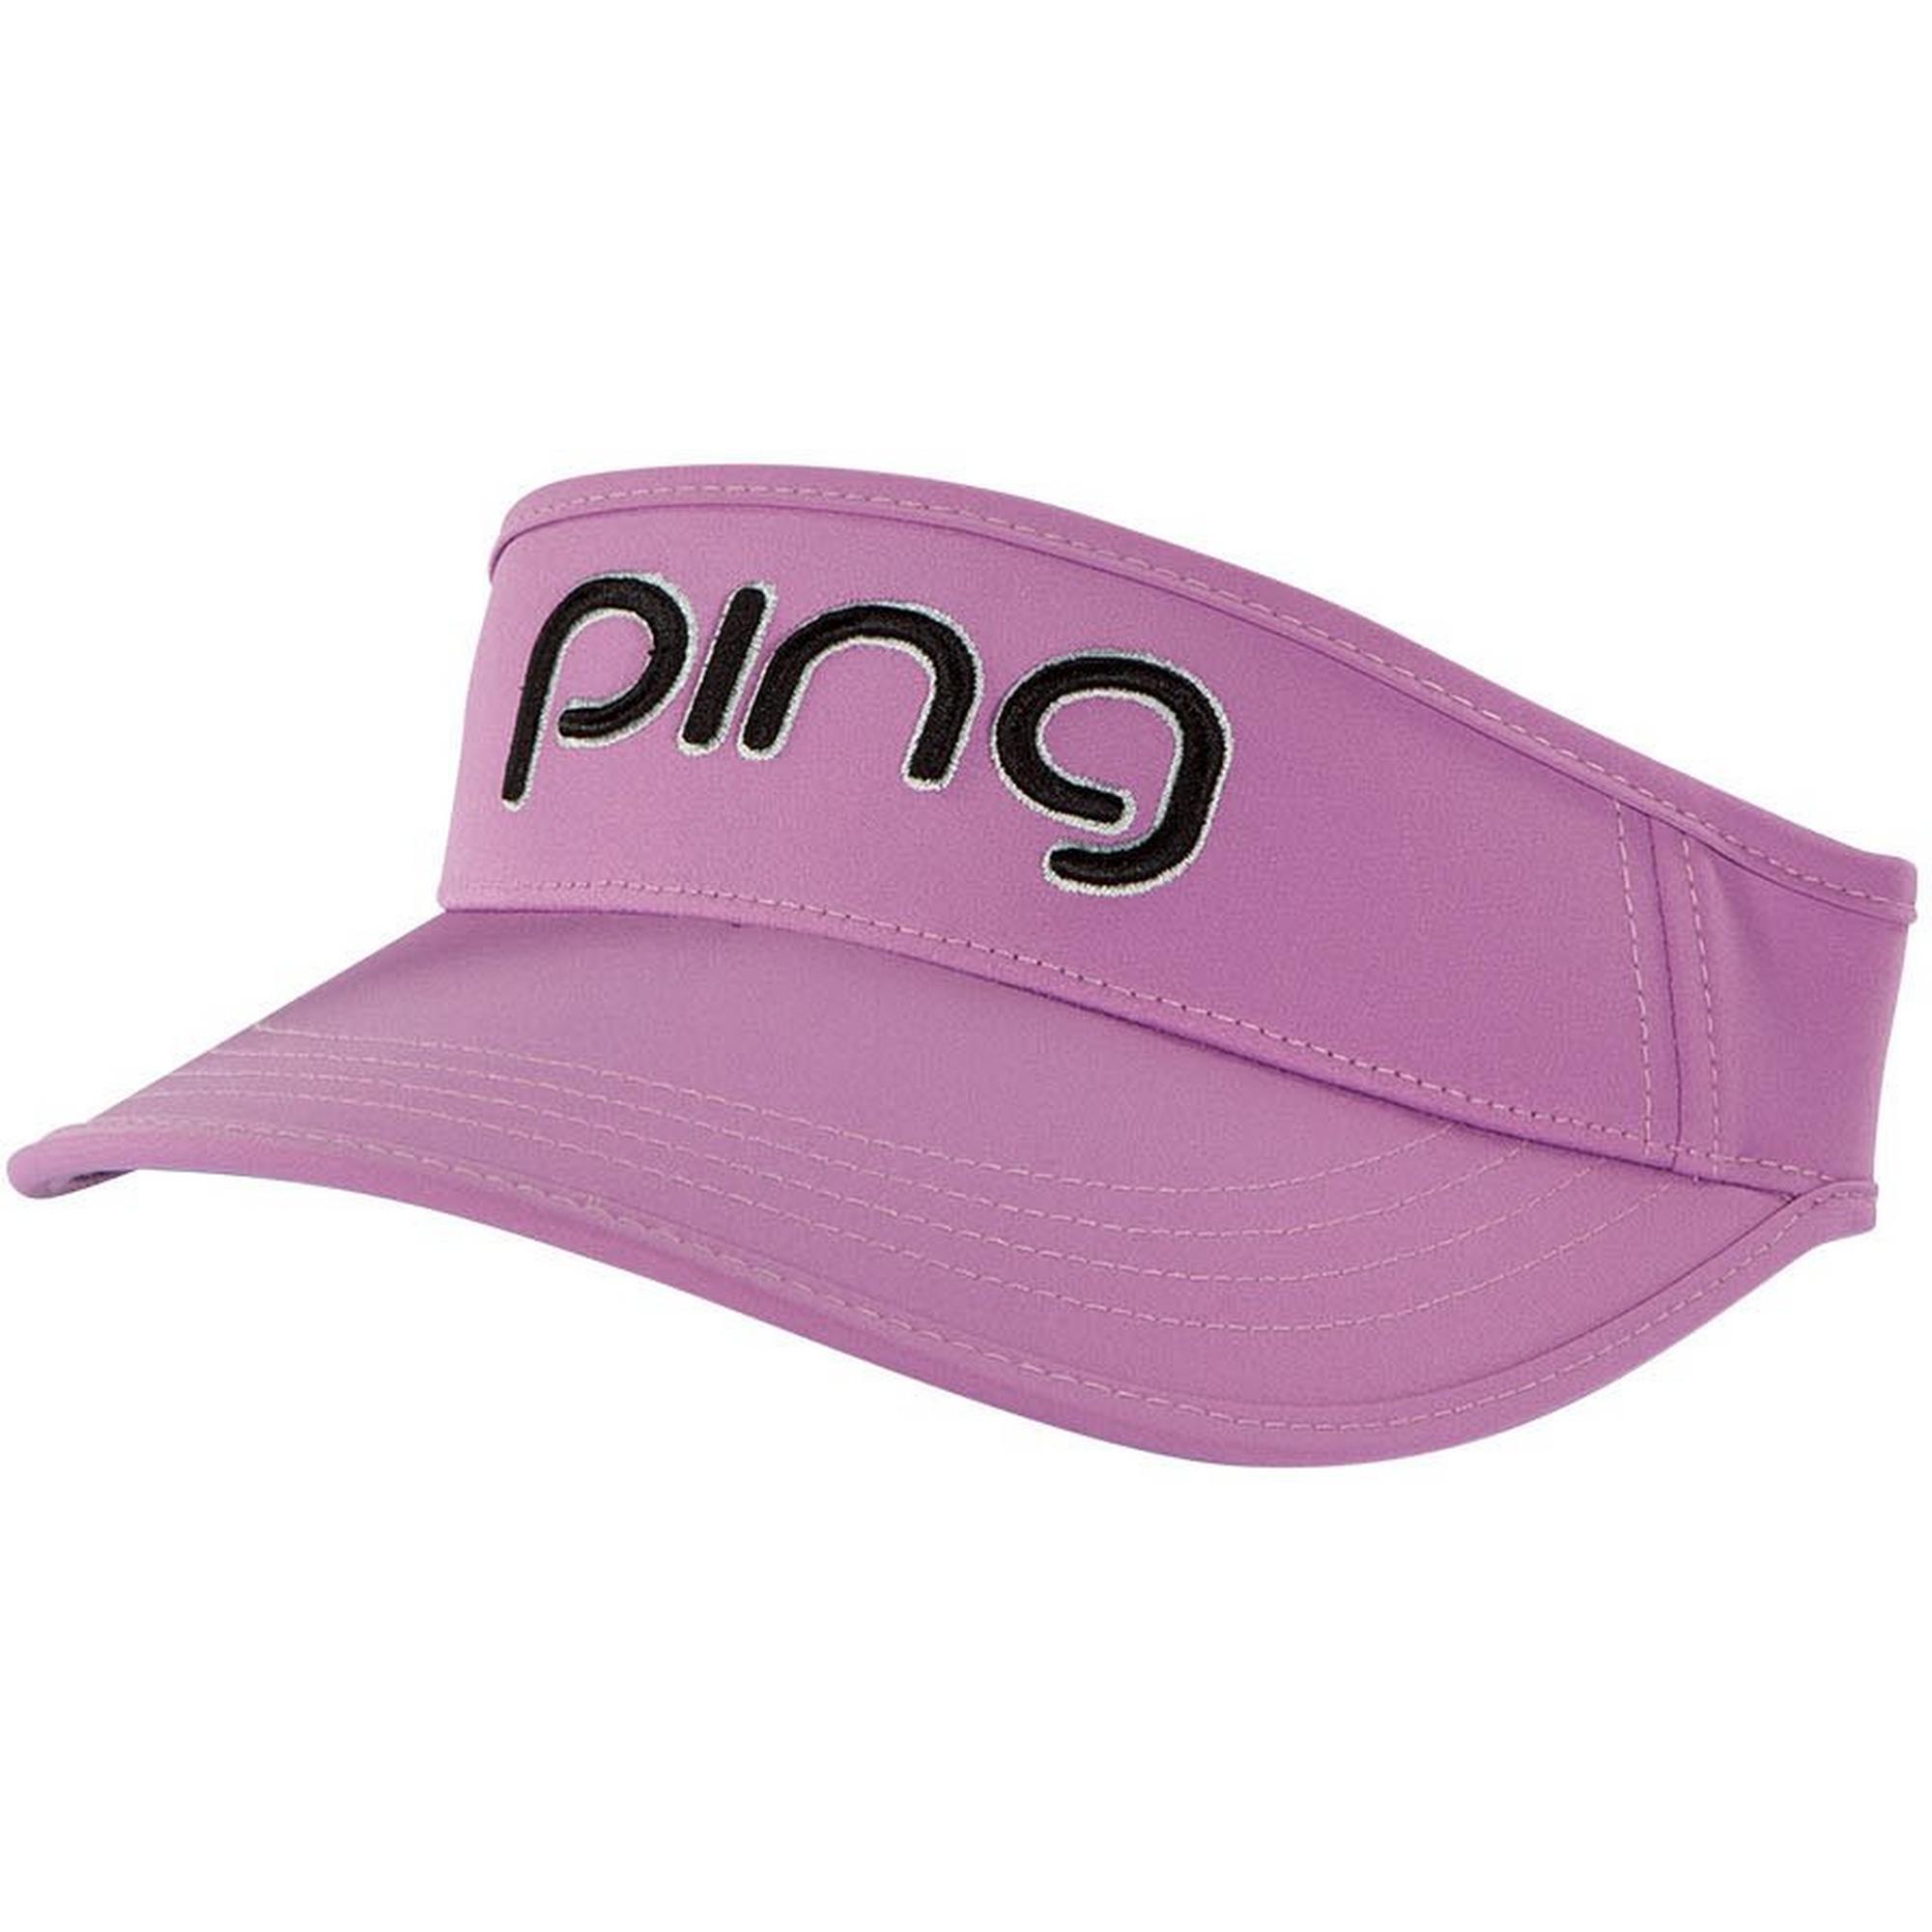 PING Women's Visor